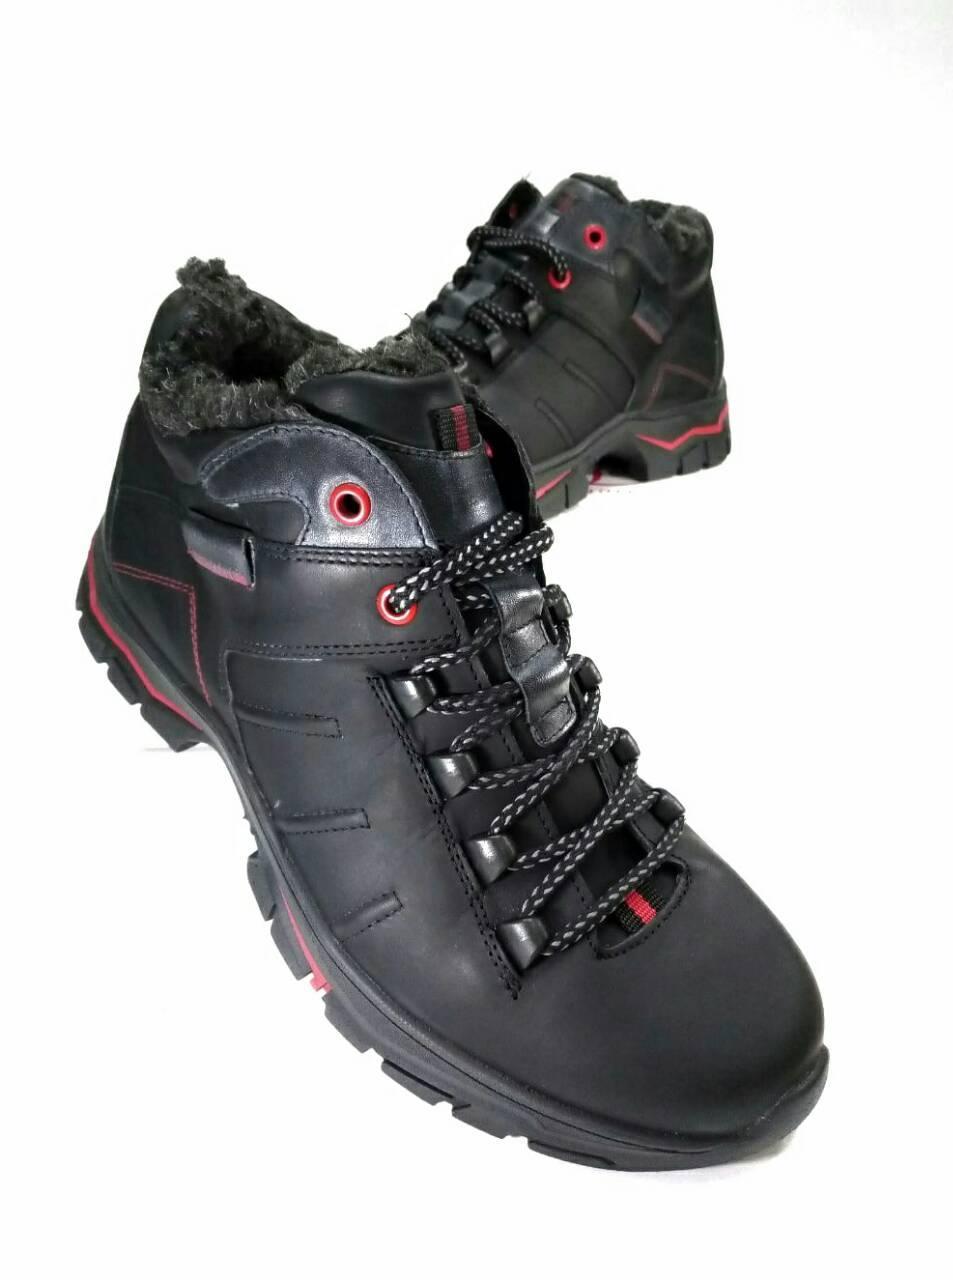 Мужские ботинки зимние МИДА 14665 из натуральной кожи